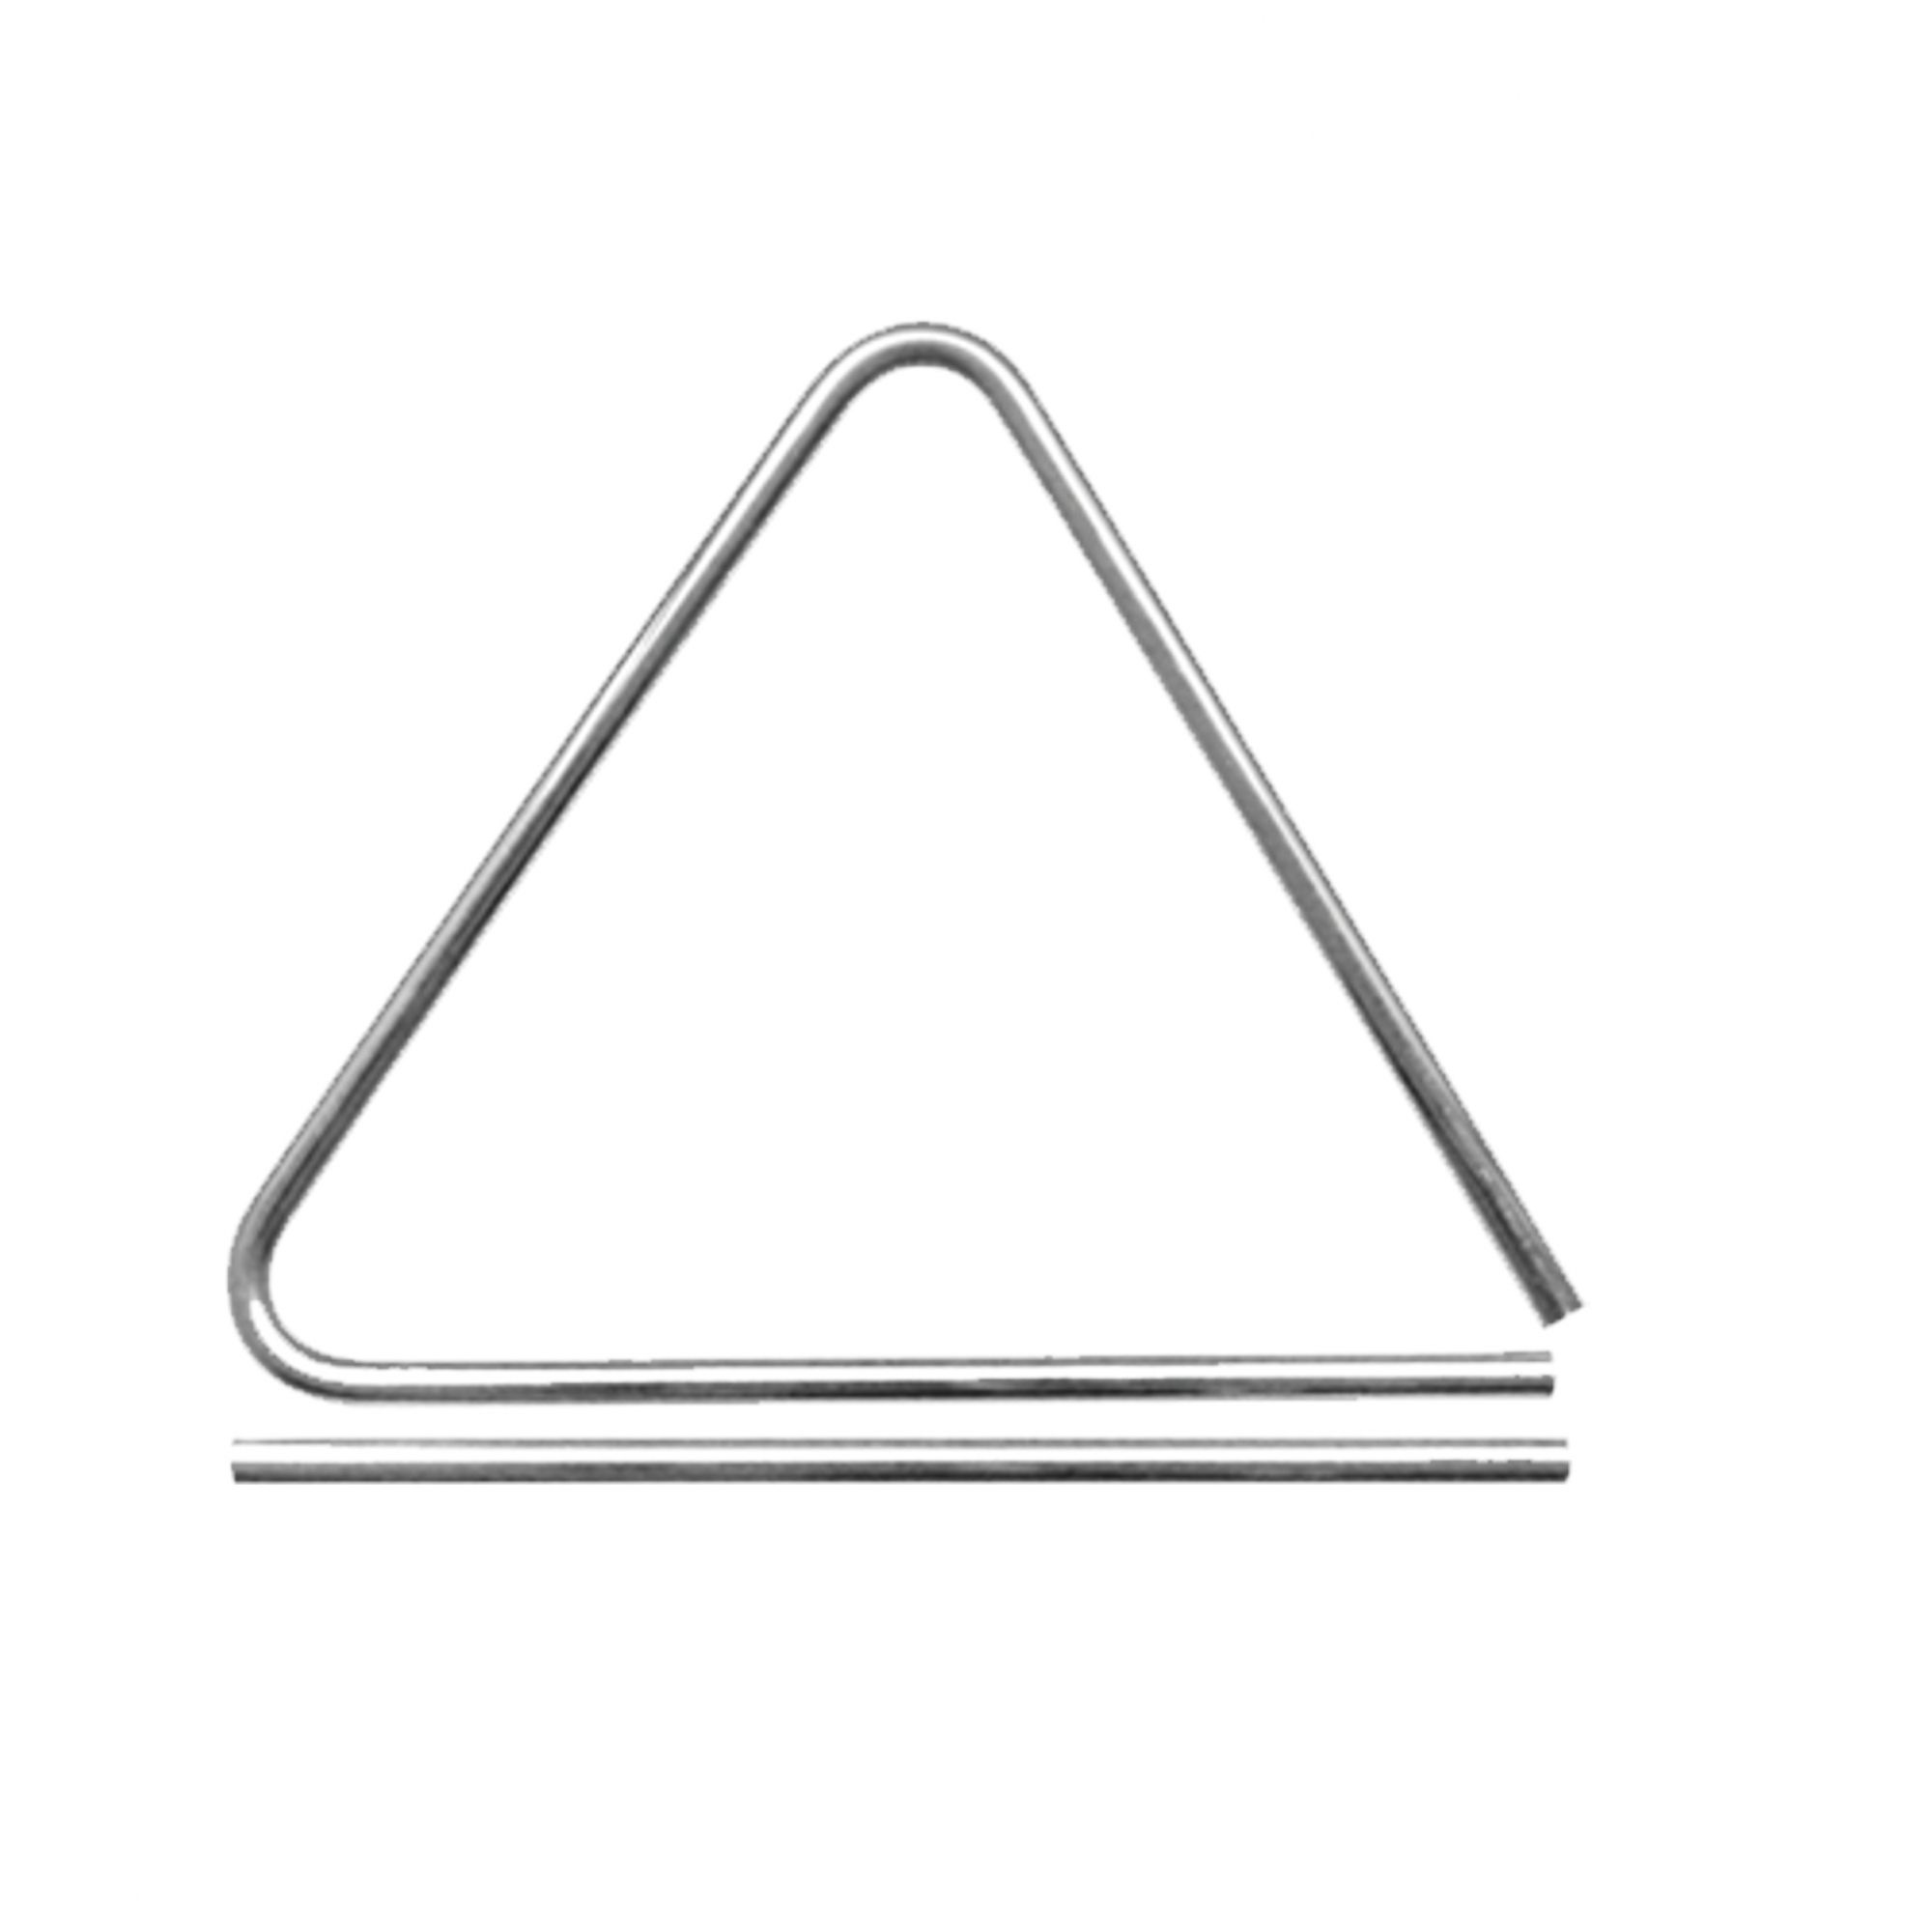 Triangulo De Alumínio 25cm Liverpool Tennessee TRATN-25